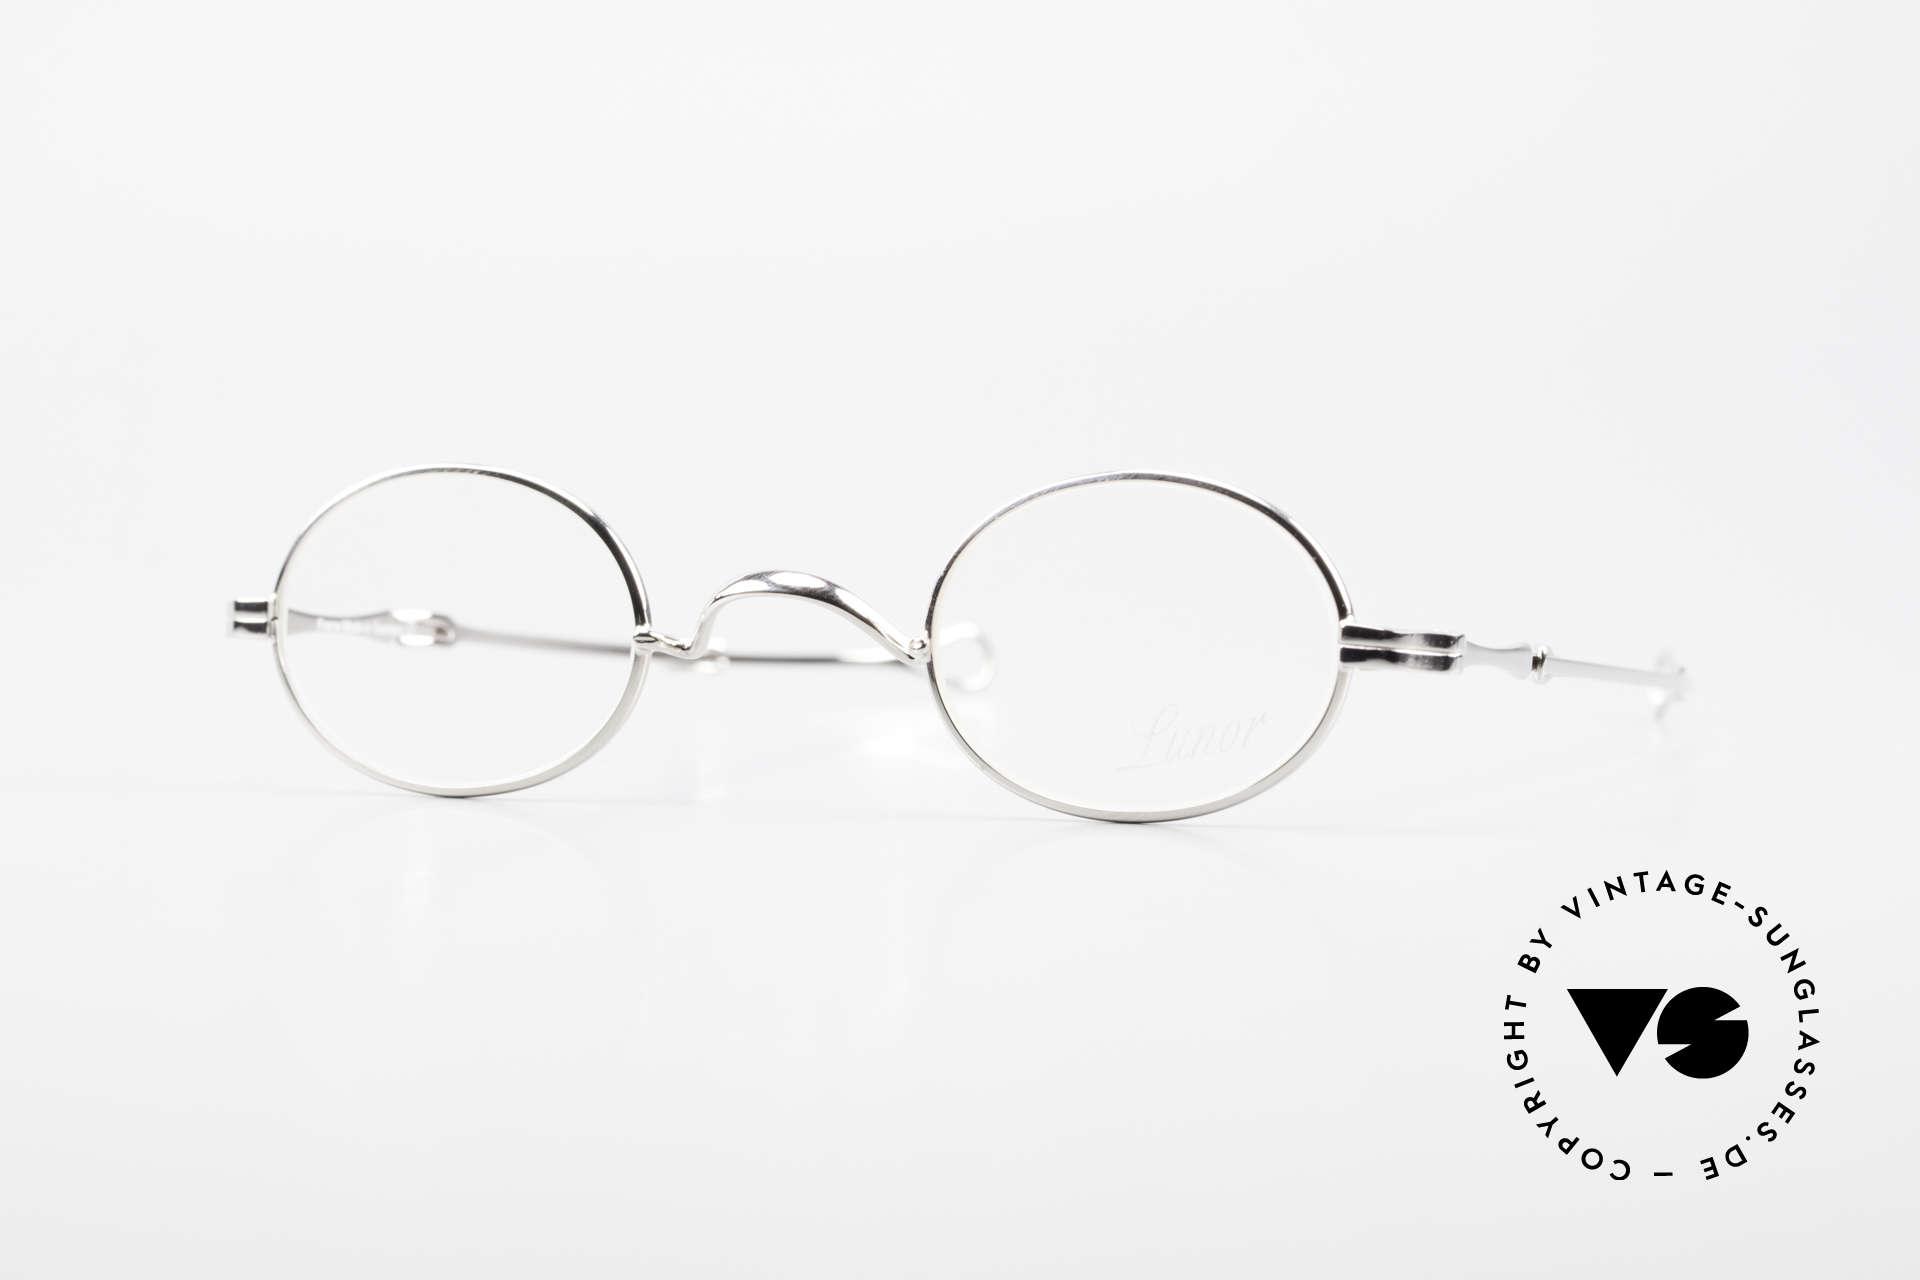 """Lunor I 04 Telescopic Ovale Schiebebügel Brille XS, LUNOR = französisch für """"Lunette d'Or"""" (Goldbrille), Passend für Herren und Damen"""